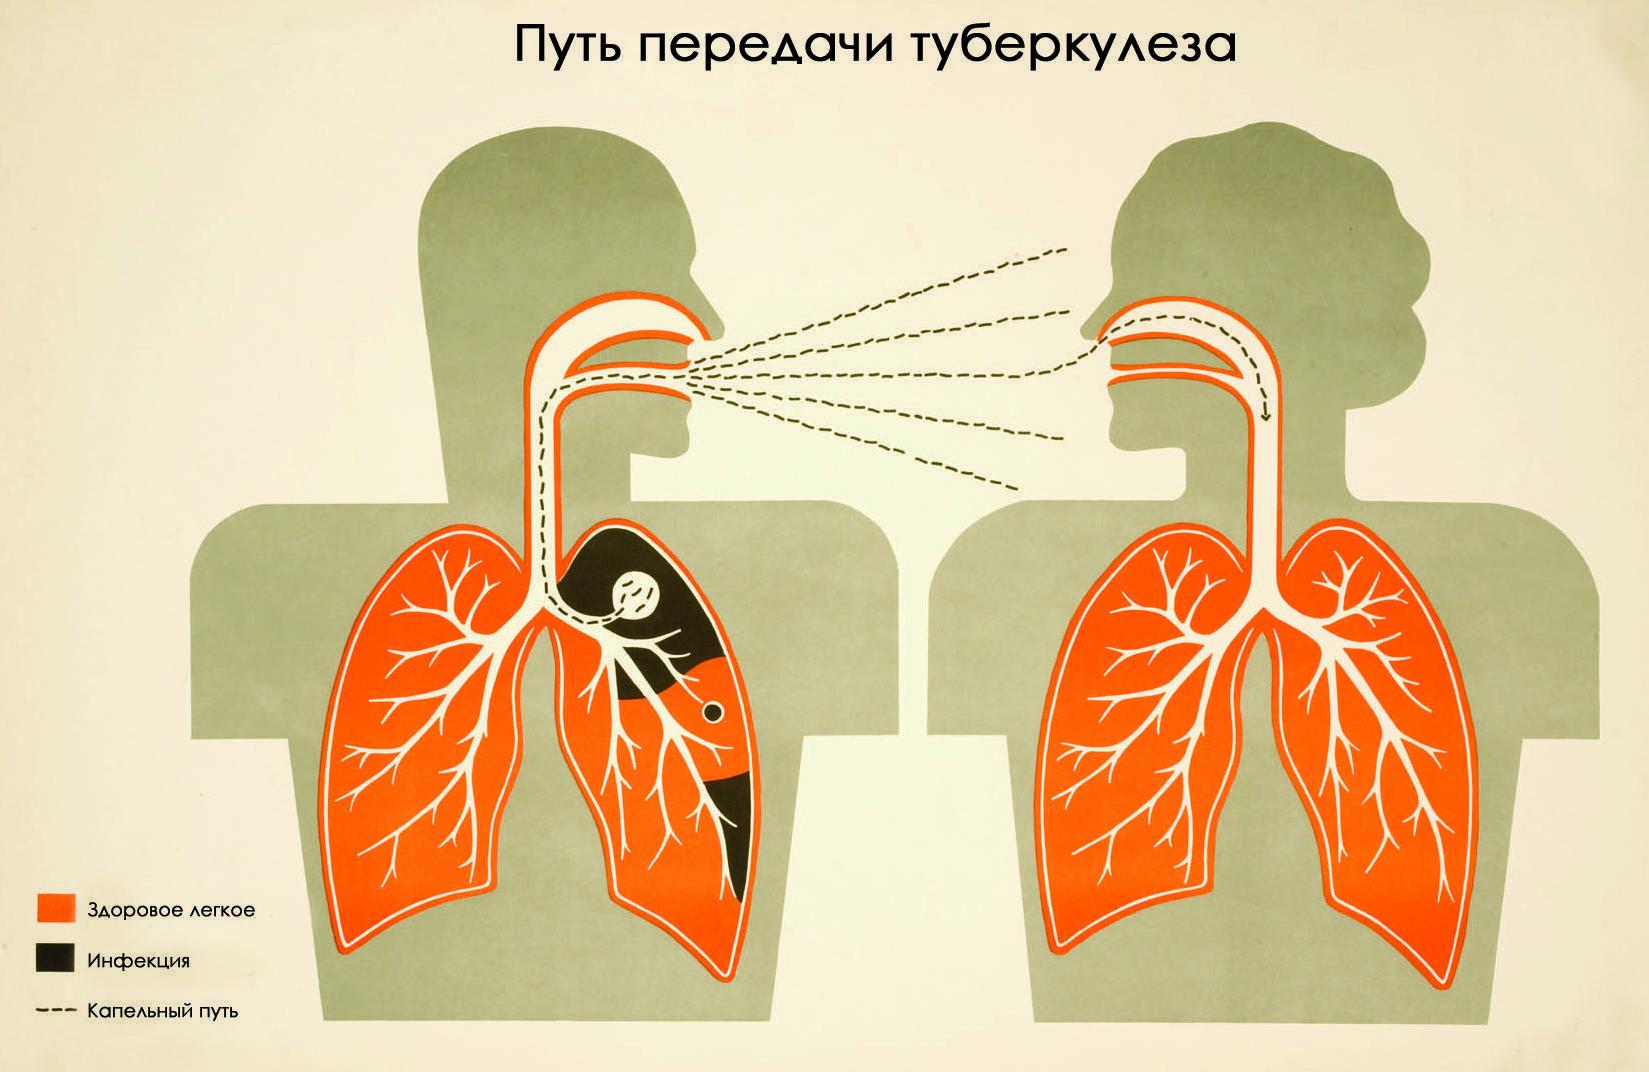 Как передается туберкулез легких от человека к человеку и риски заражения